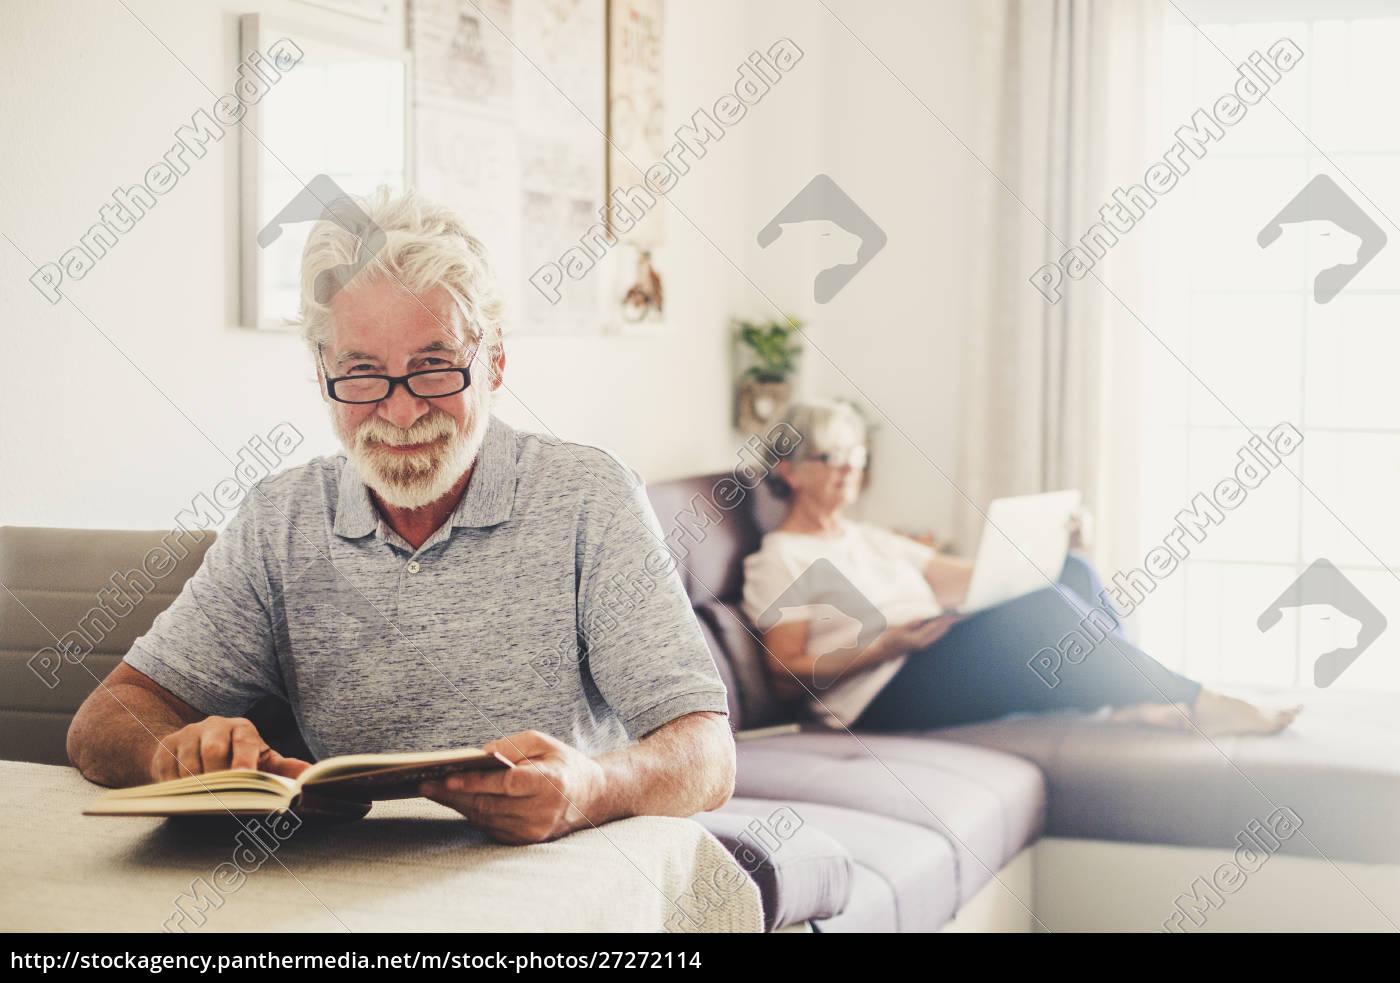 senior, mann, lesen, buch, als, seine - 27272114